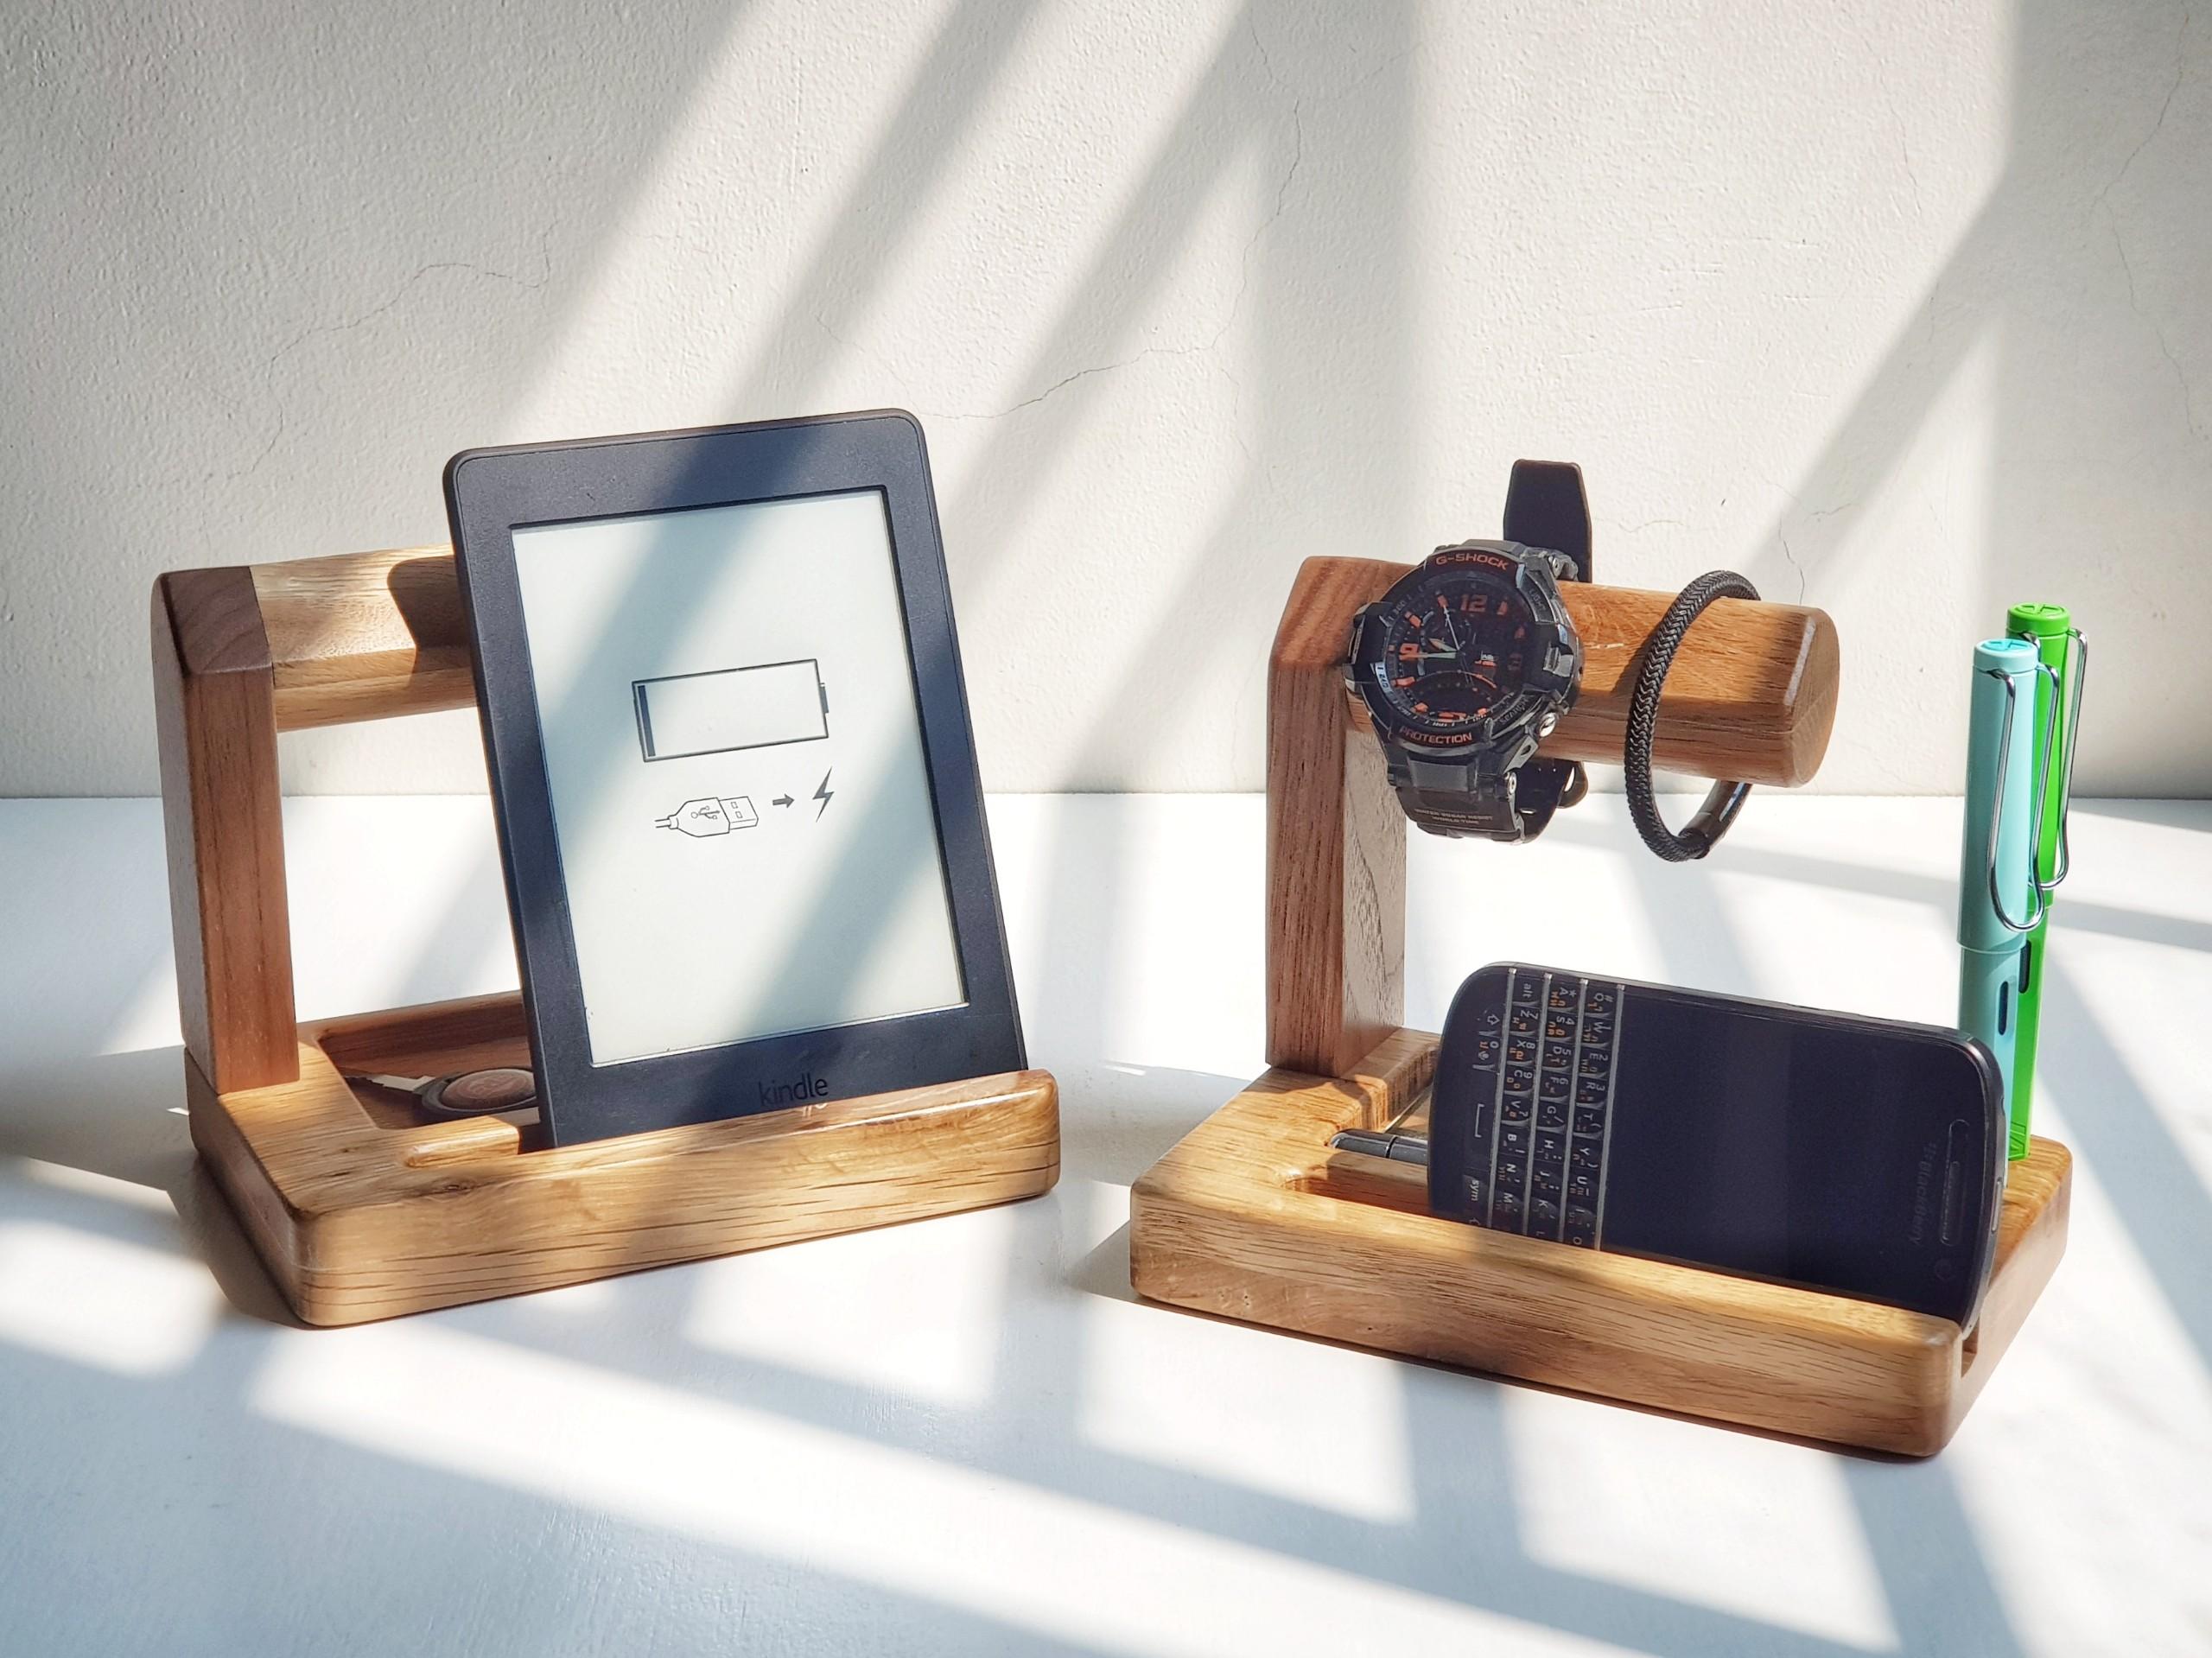 Giá treo đồng hồ kết hợp kệ điện thoại, cắm bút và khay đựng Văn phòng phẩm bằng gỗ Sồi (Oak) và gỗ Óc chó (Walnut)